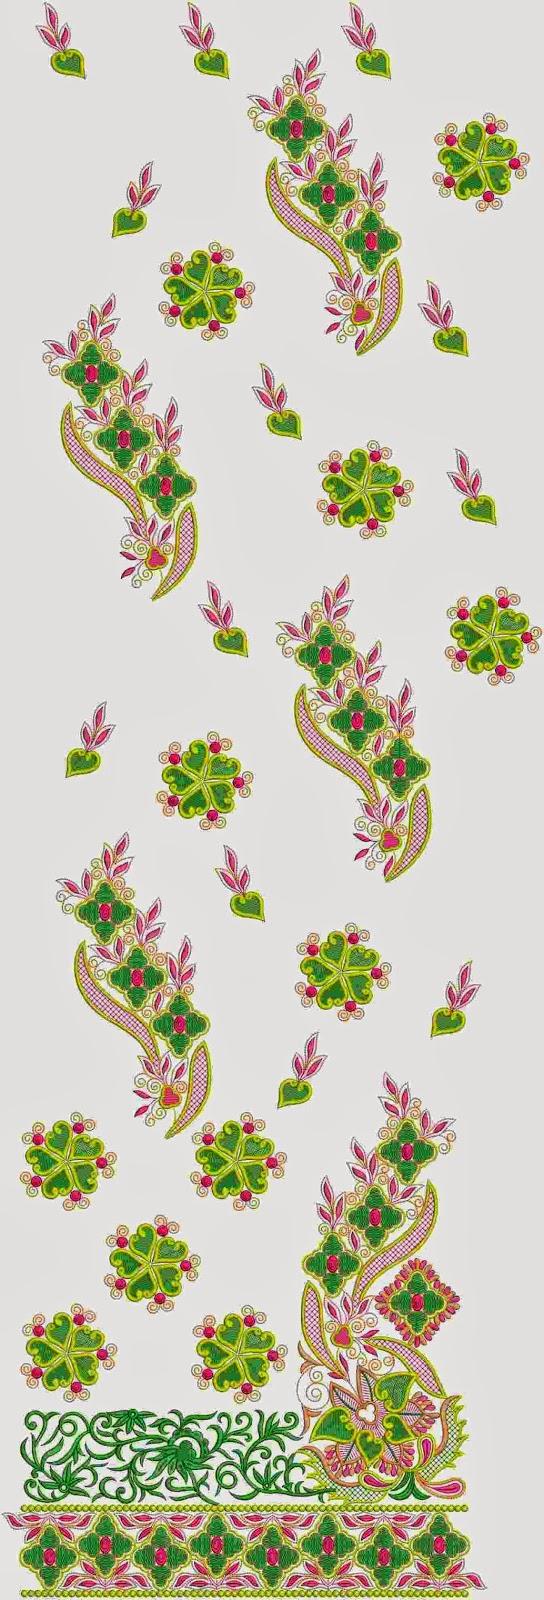 kreatiewe borduurwerk Indiese Lawn pak